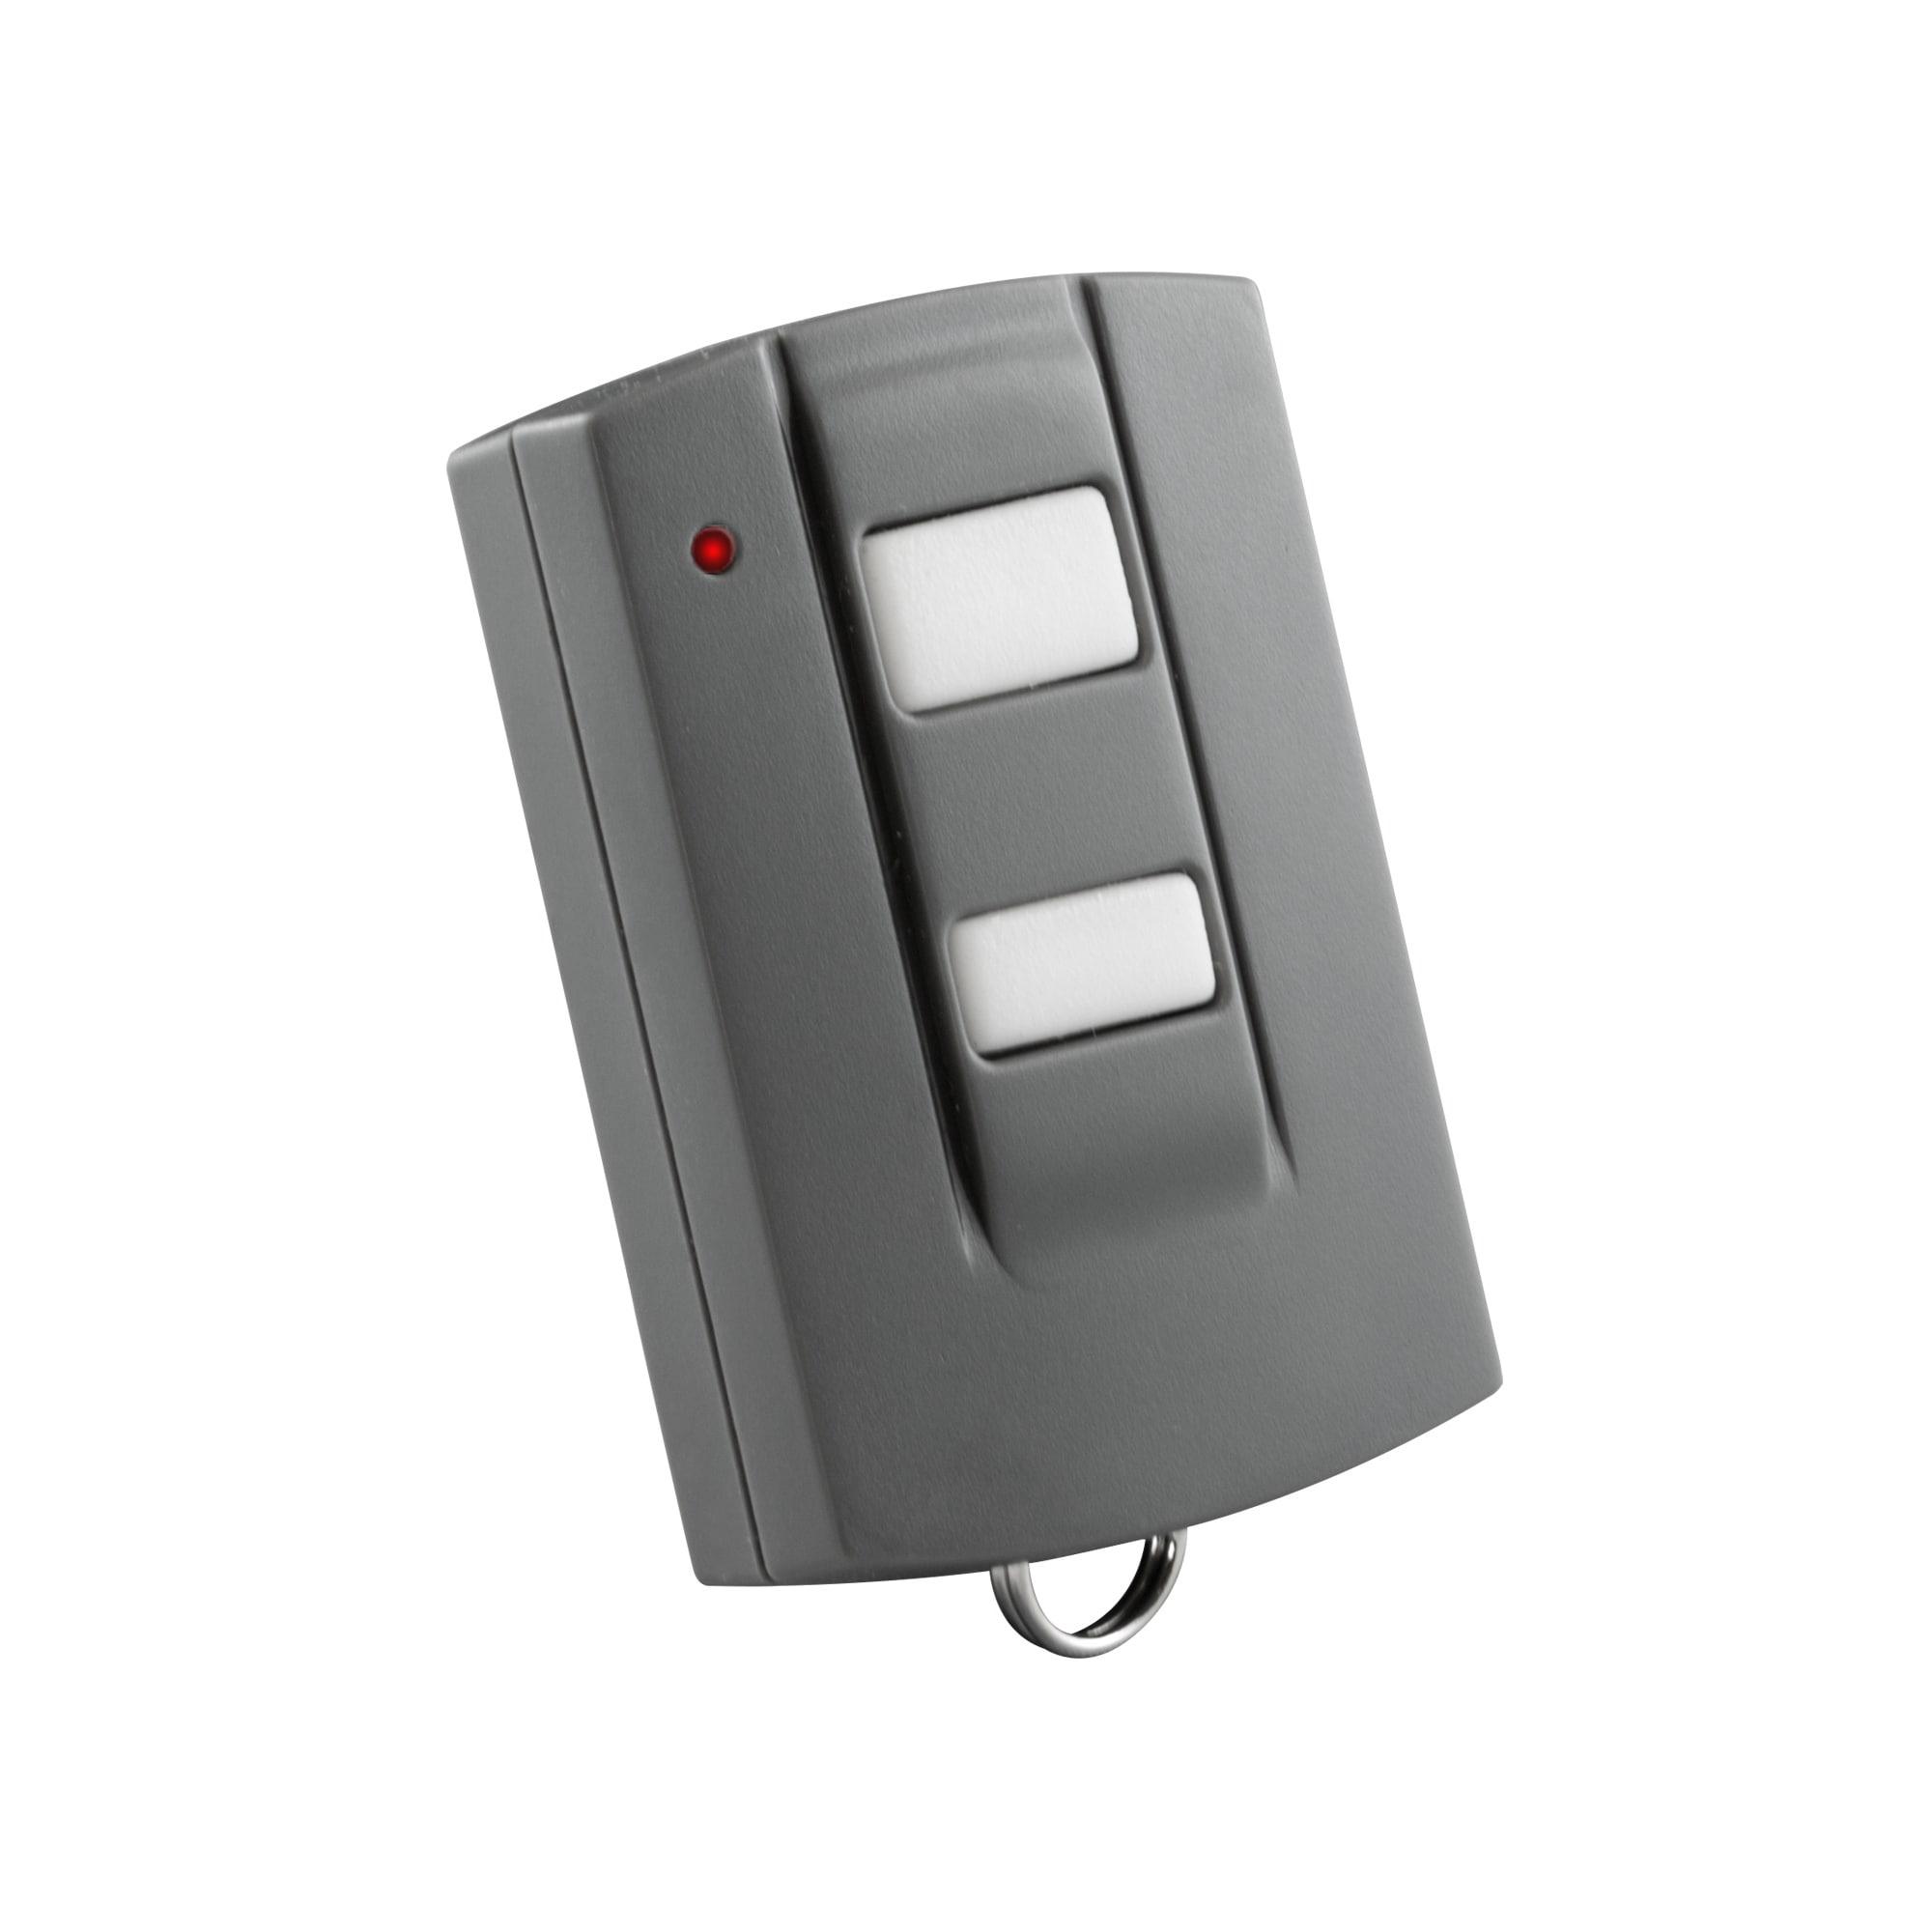 rademacher rolloport s1 650n 1 profi garagentormotor. Black Bedroom Furniture Sets. Home Design Ideas